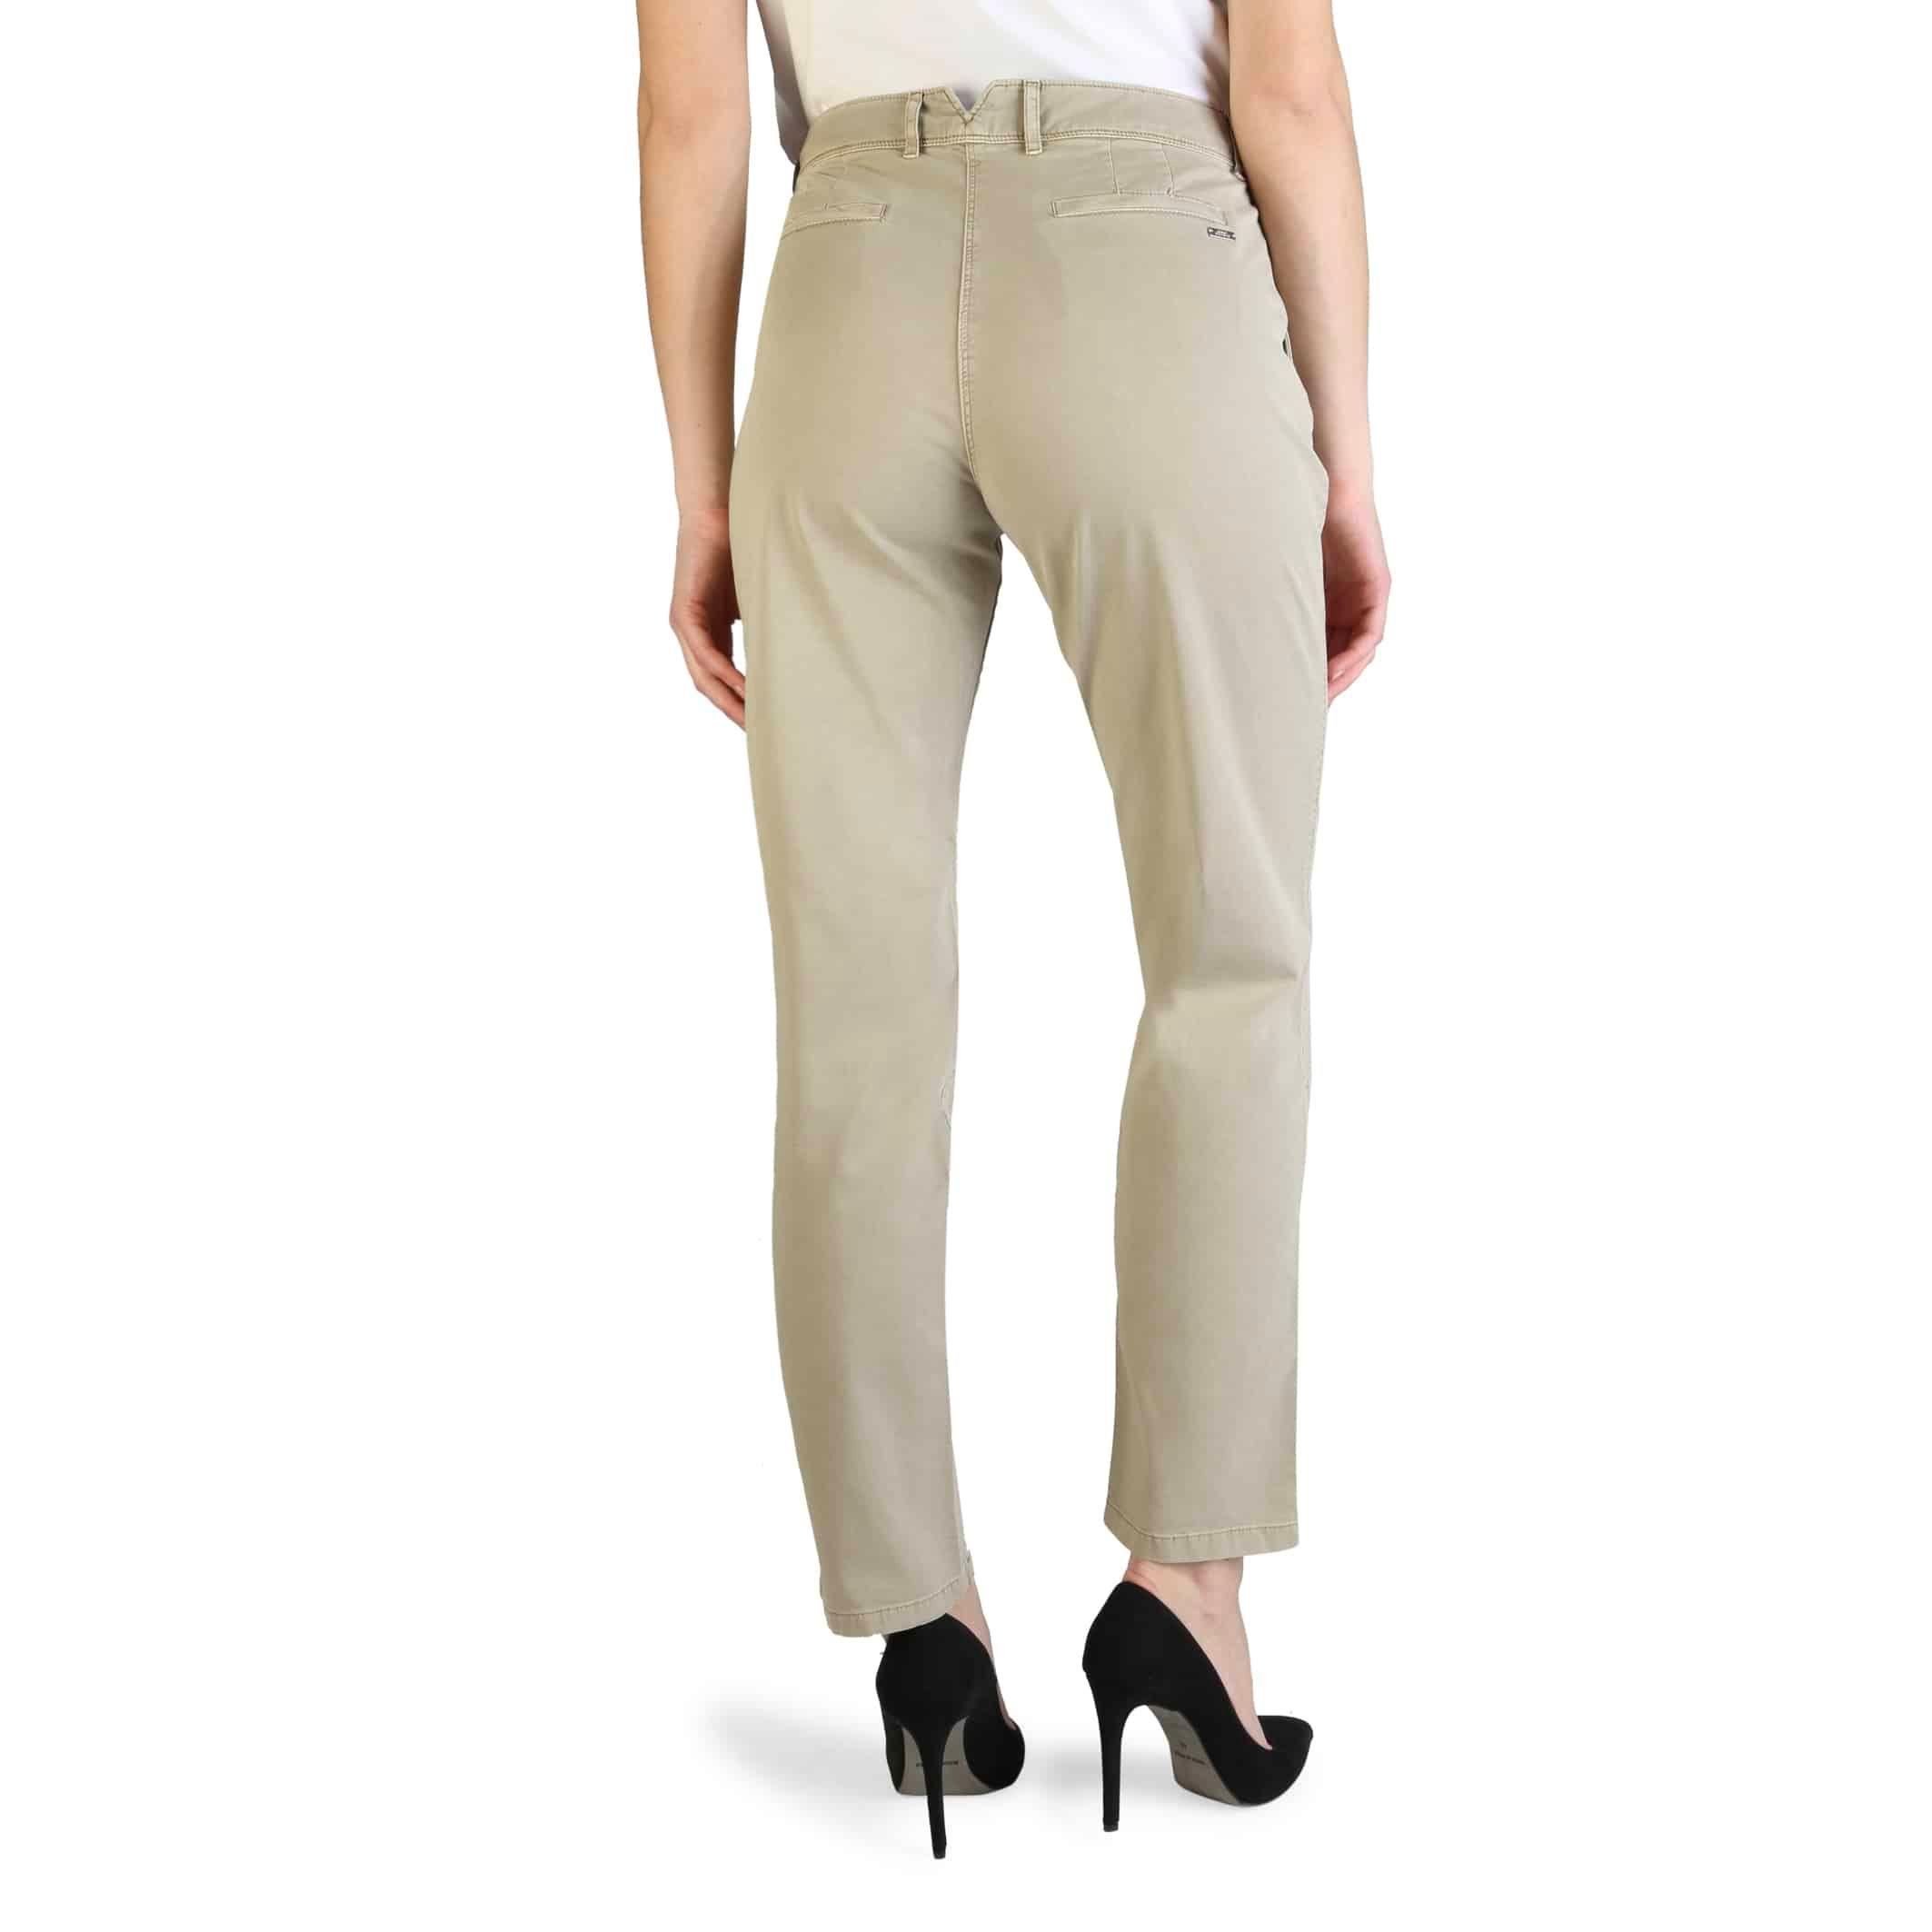 Pantaloni Armani Exchange3ZYP30_YNCVZ